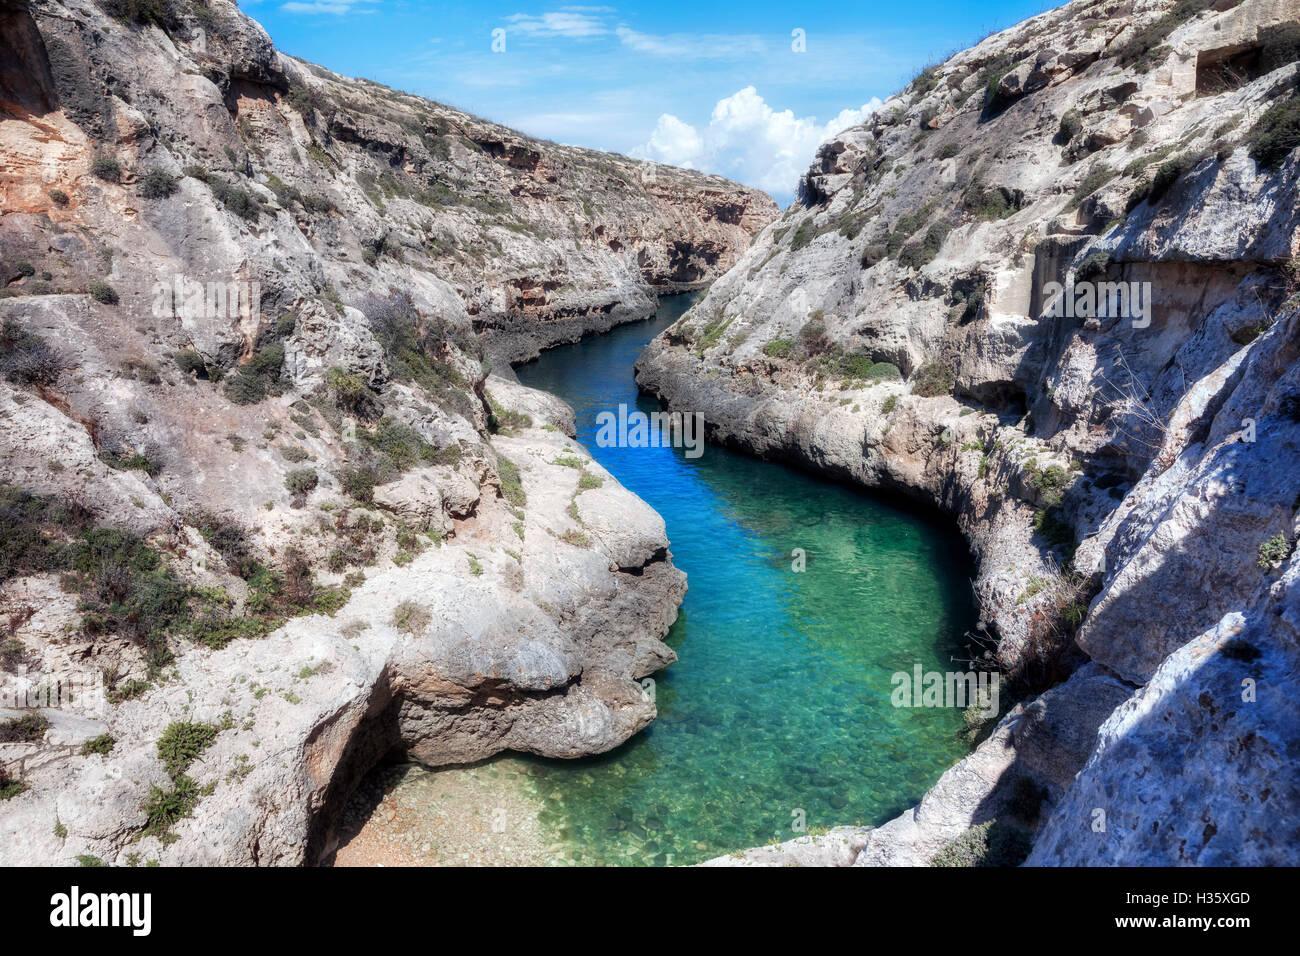 Ghasri Valley, Wied L-Ghasri, Gozo, Malta Stockbild